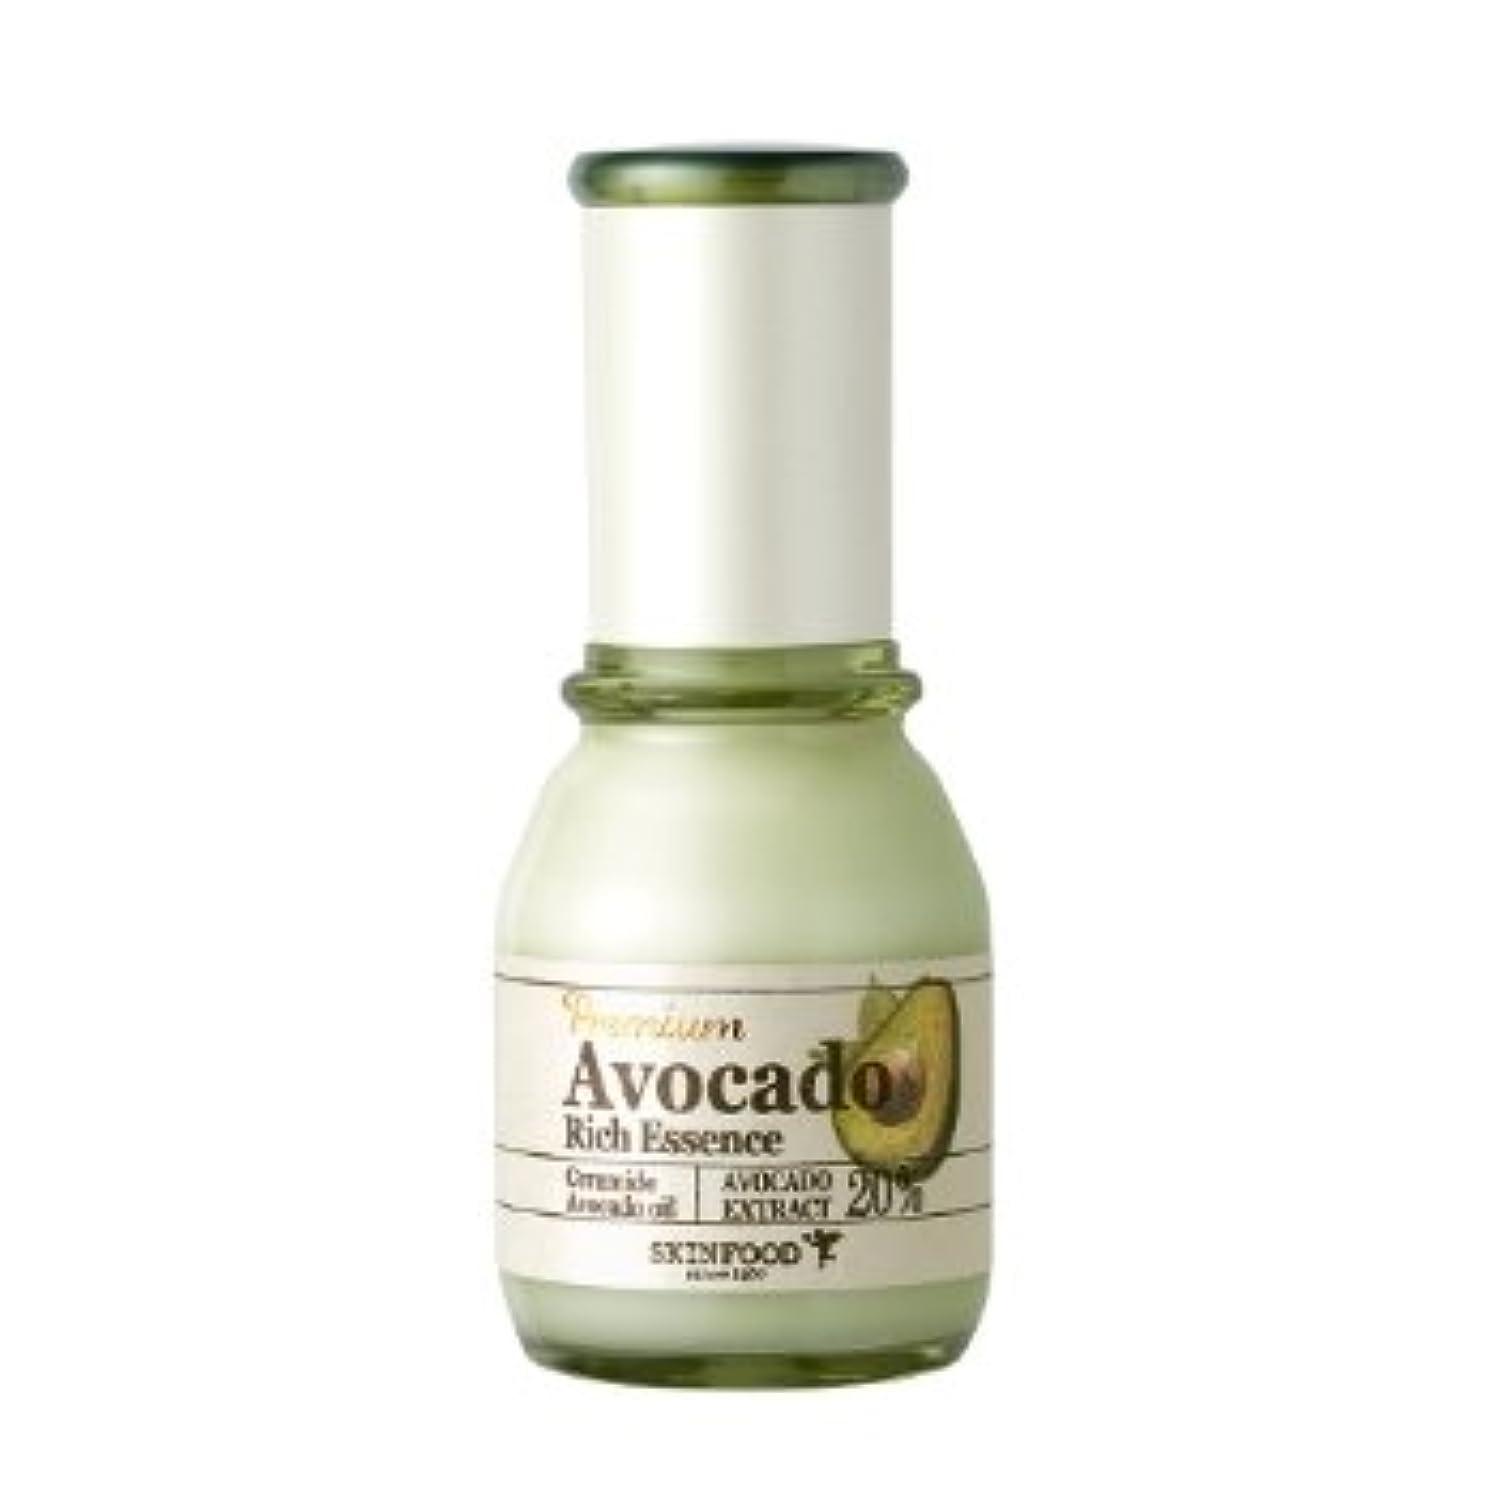 インタラクション不要参加者スキンフード [Skin Food] プレミアム アボカド リーチ エッセンス 50ml / Premium Avocado Rich Essence 海外直送品